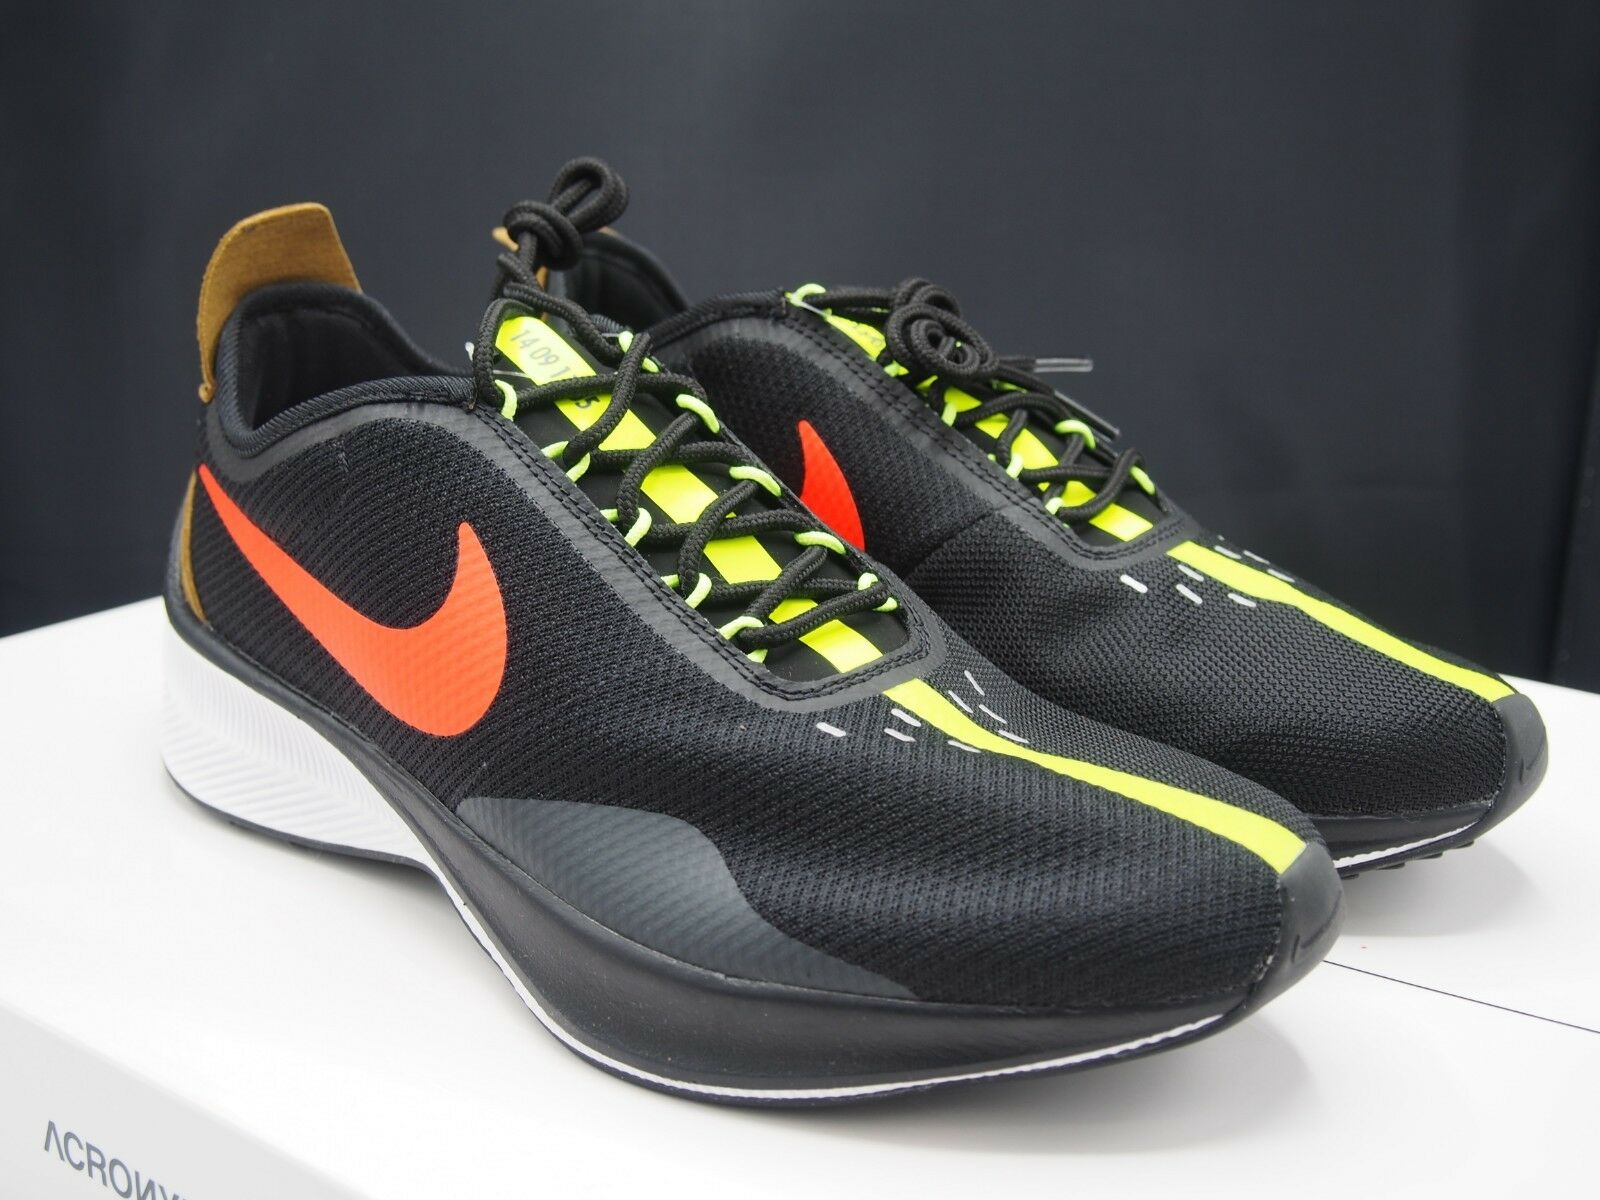 59ffc462f Nike EXP-Z07 Black Total Crimson AO1544-003 AO1544-003 AO1544-003 ...